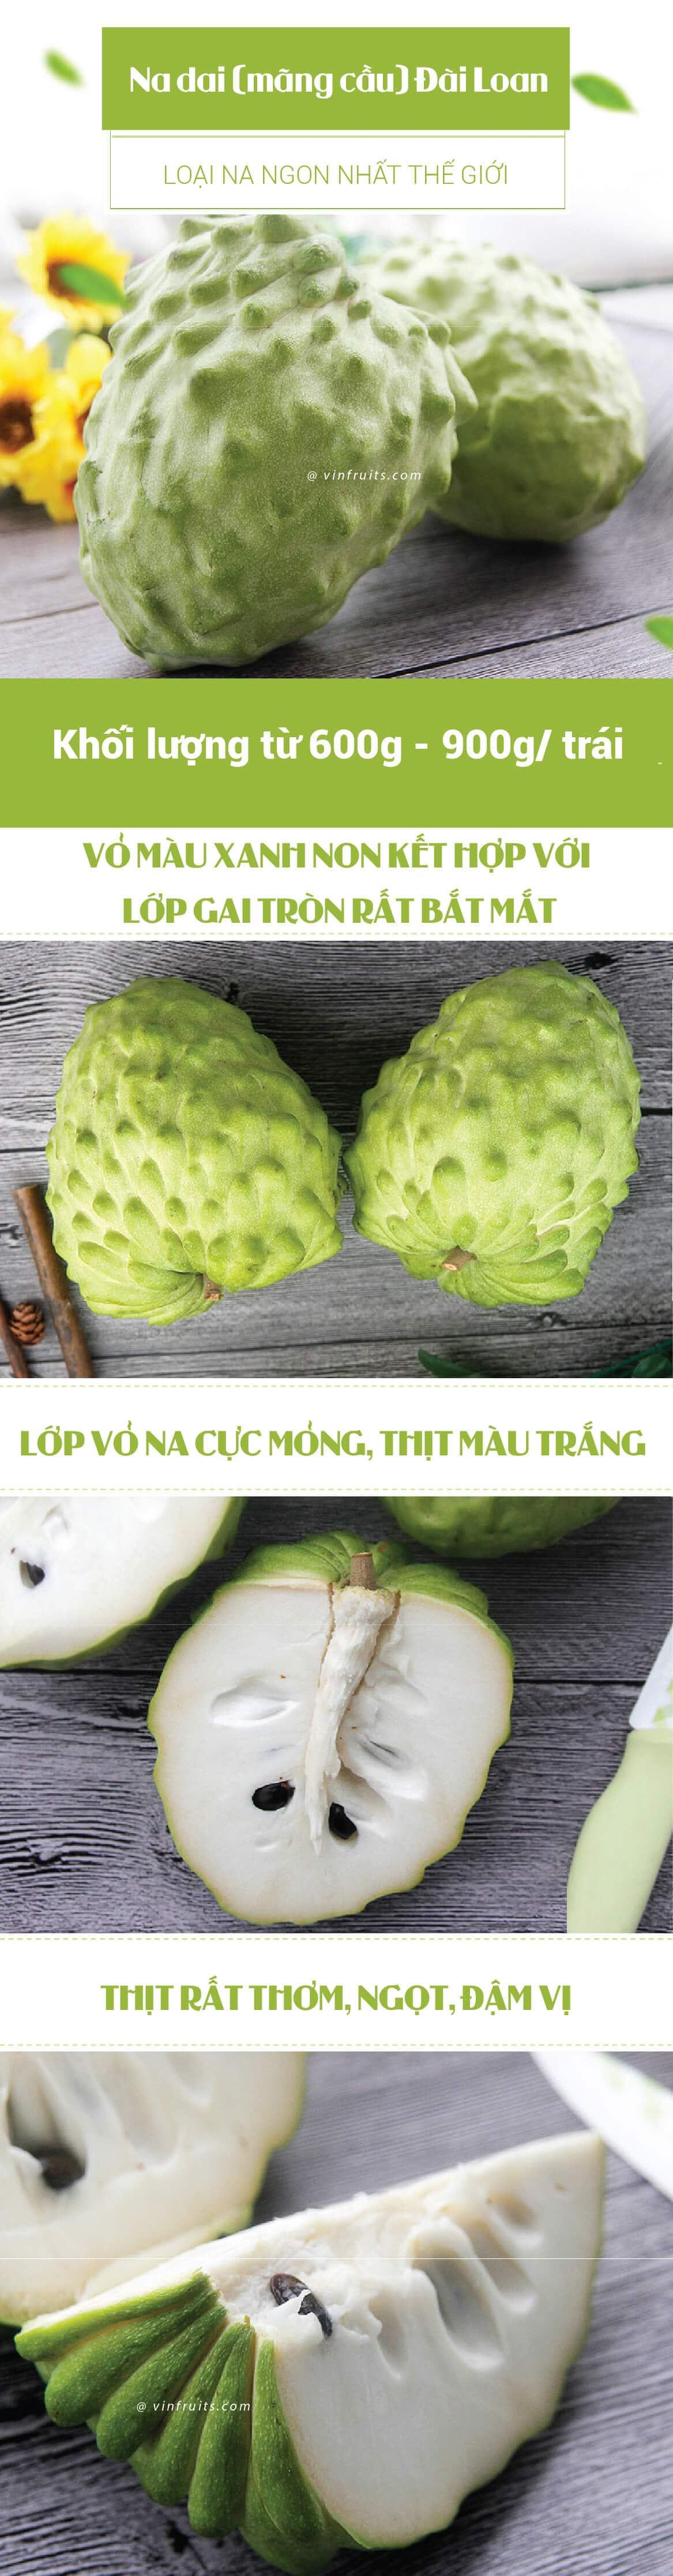 Na dai Dai Loan - vinfruits.com 1